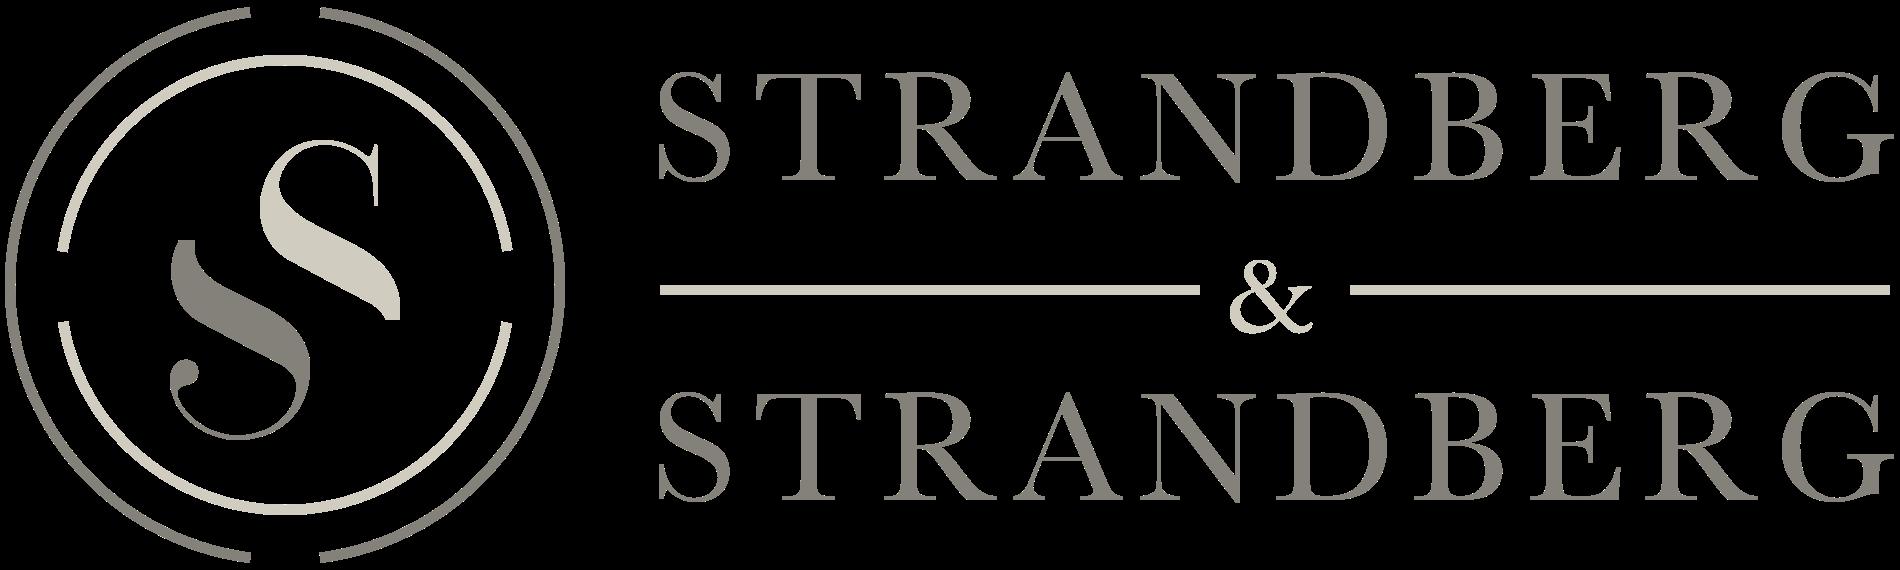 Strandberg & Strandberg